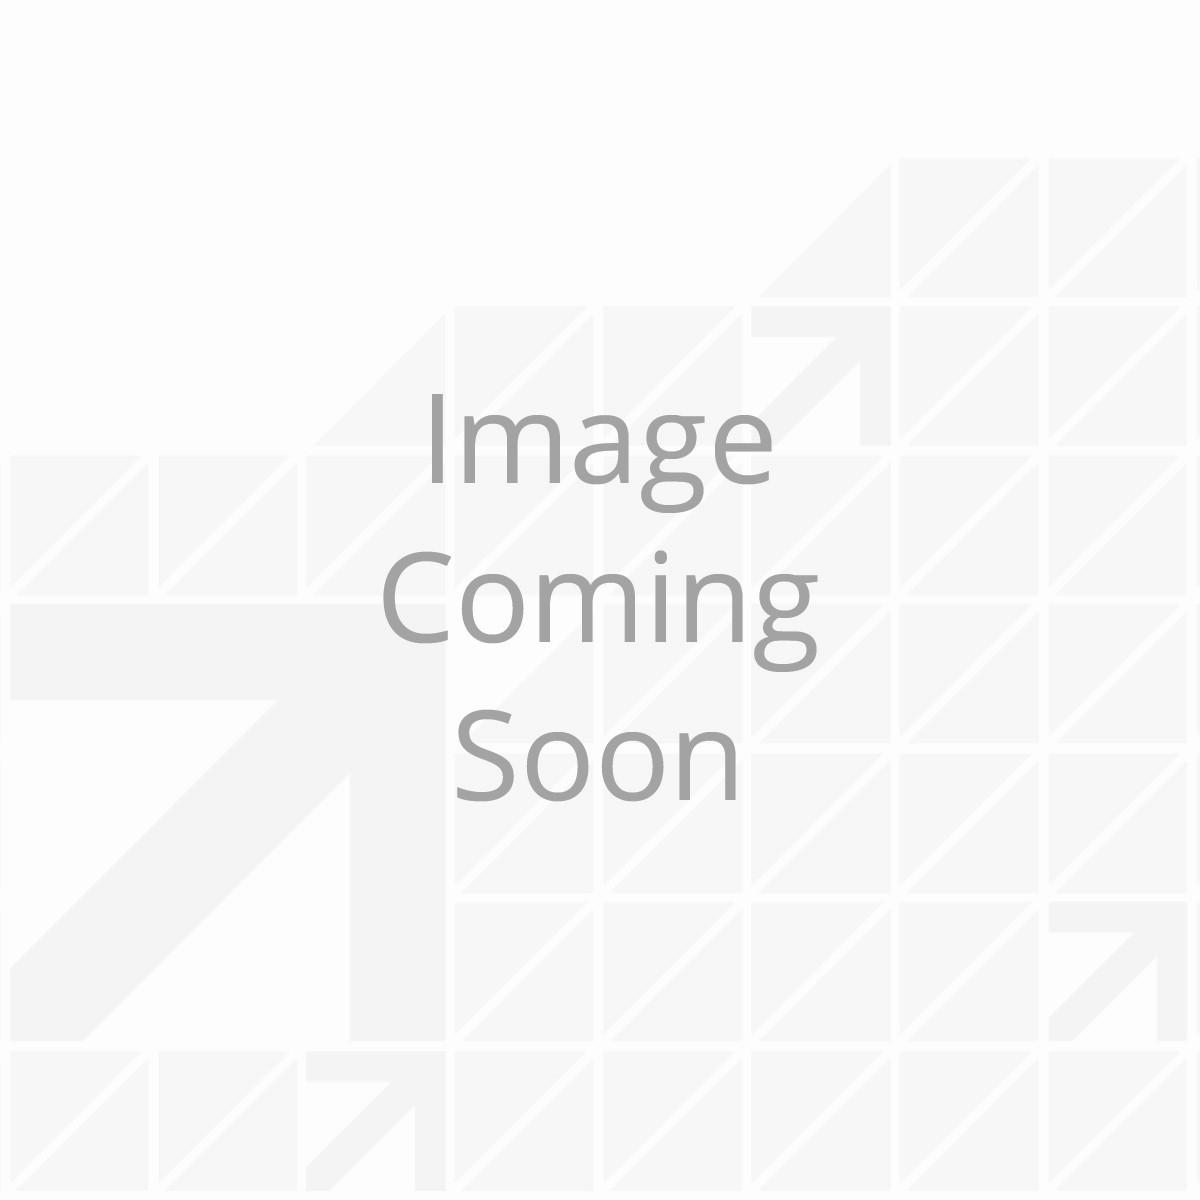 4034 Acrylic Roof Coating, White (1 Gallon)